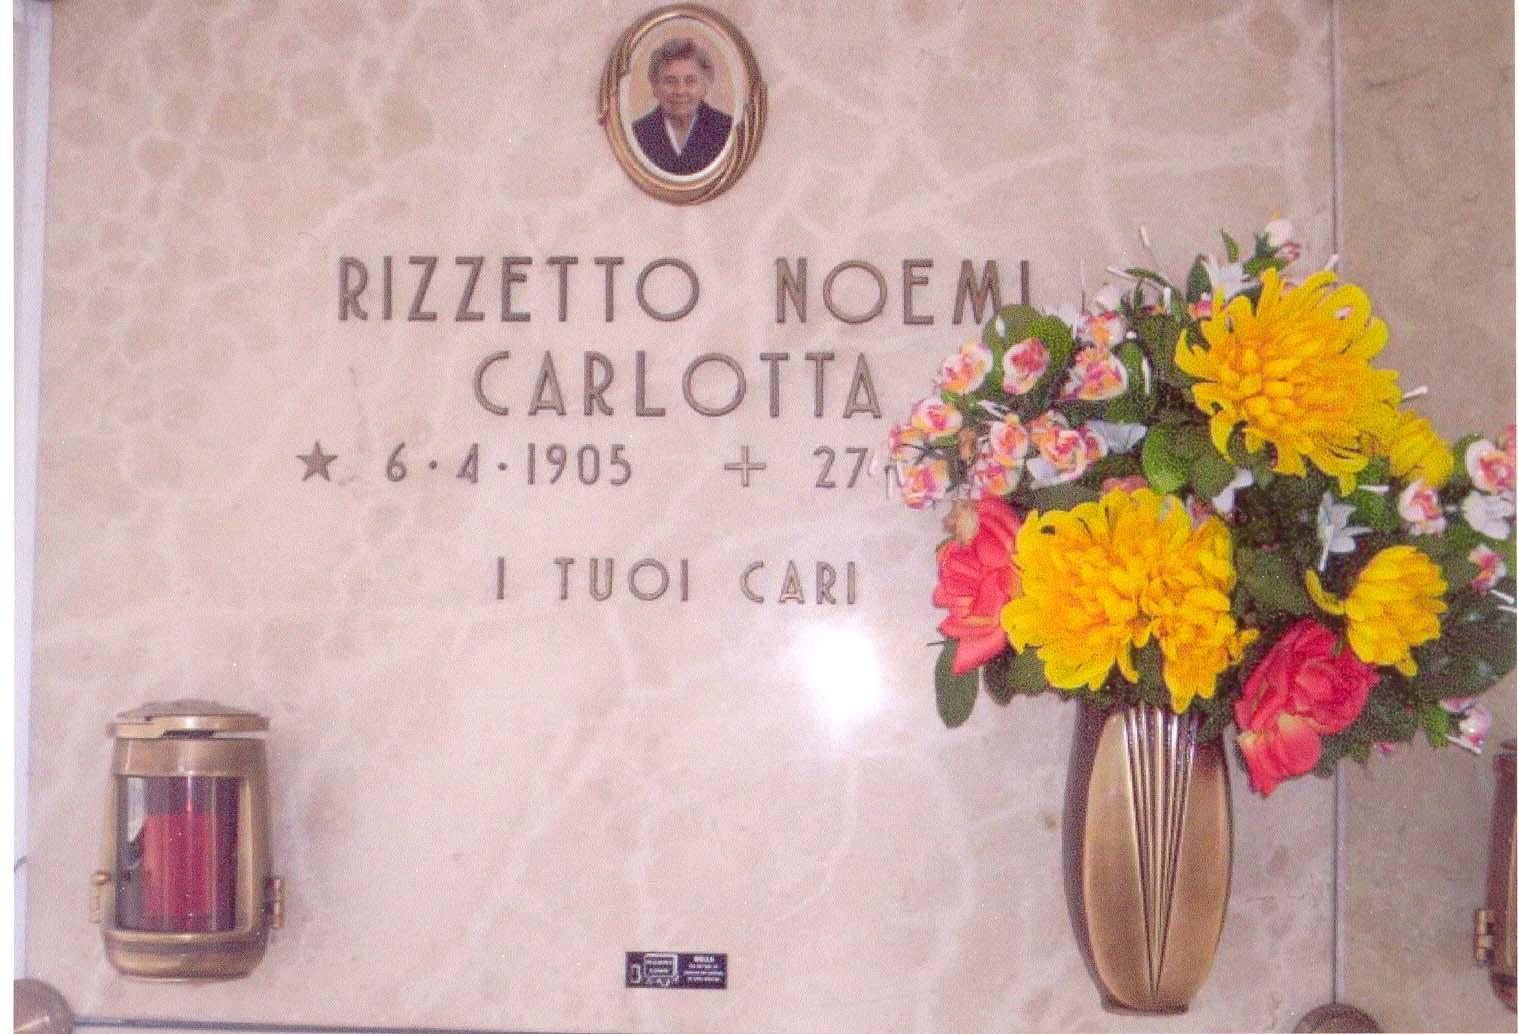 Rescuer Rezzetto Carlotta's grave